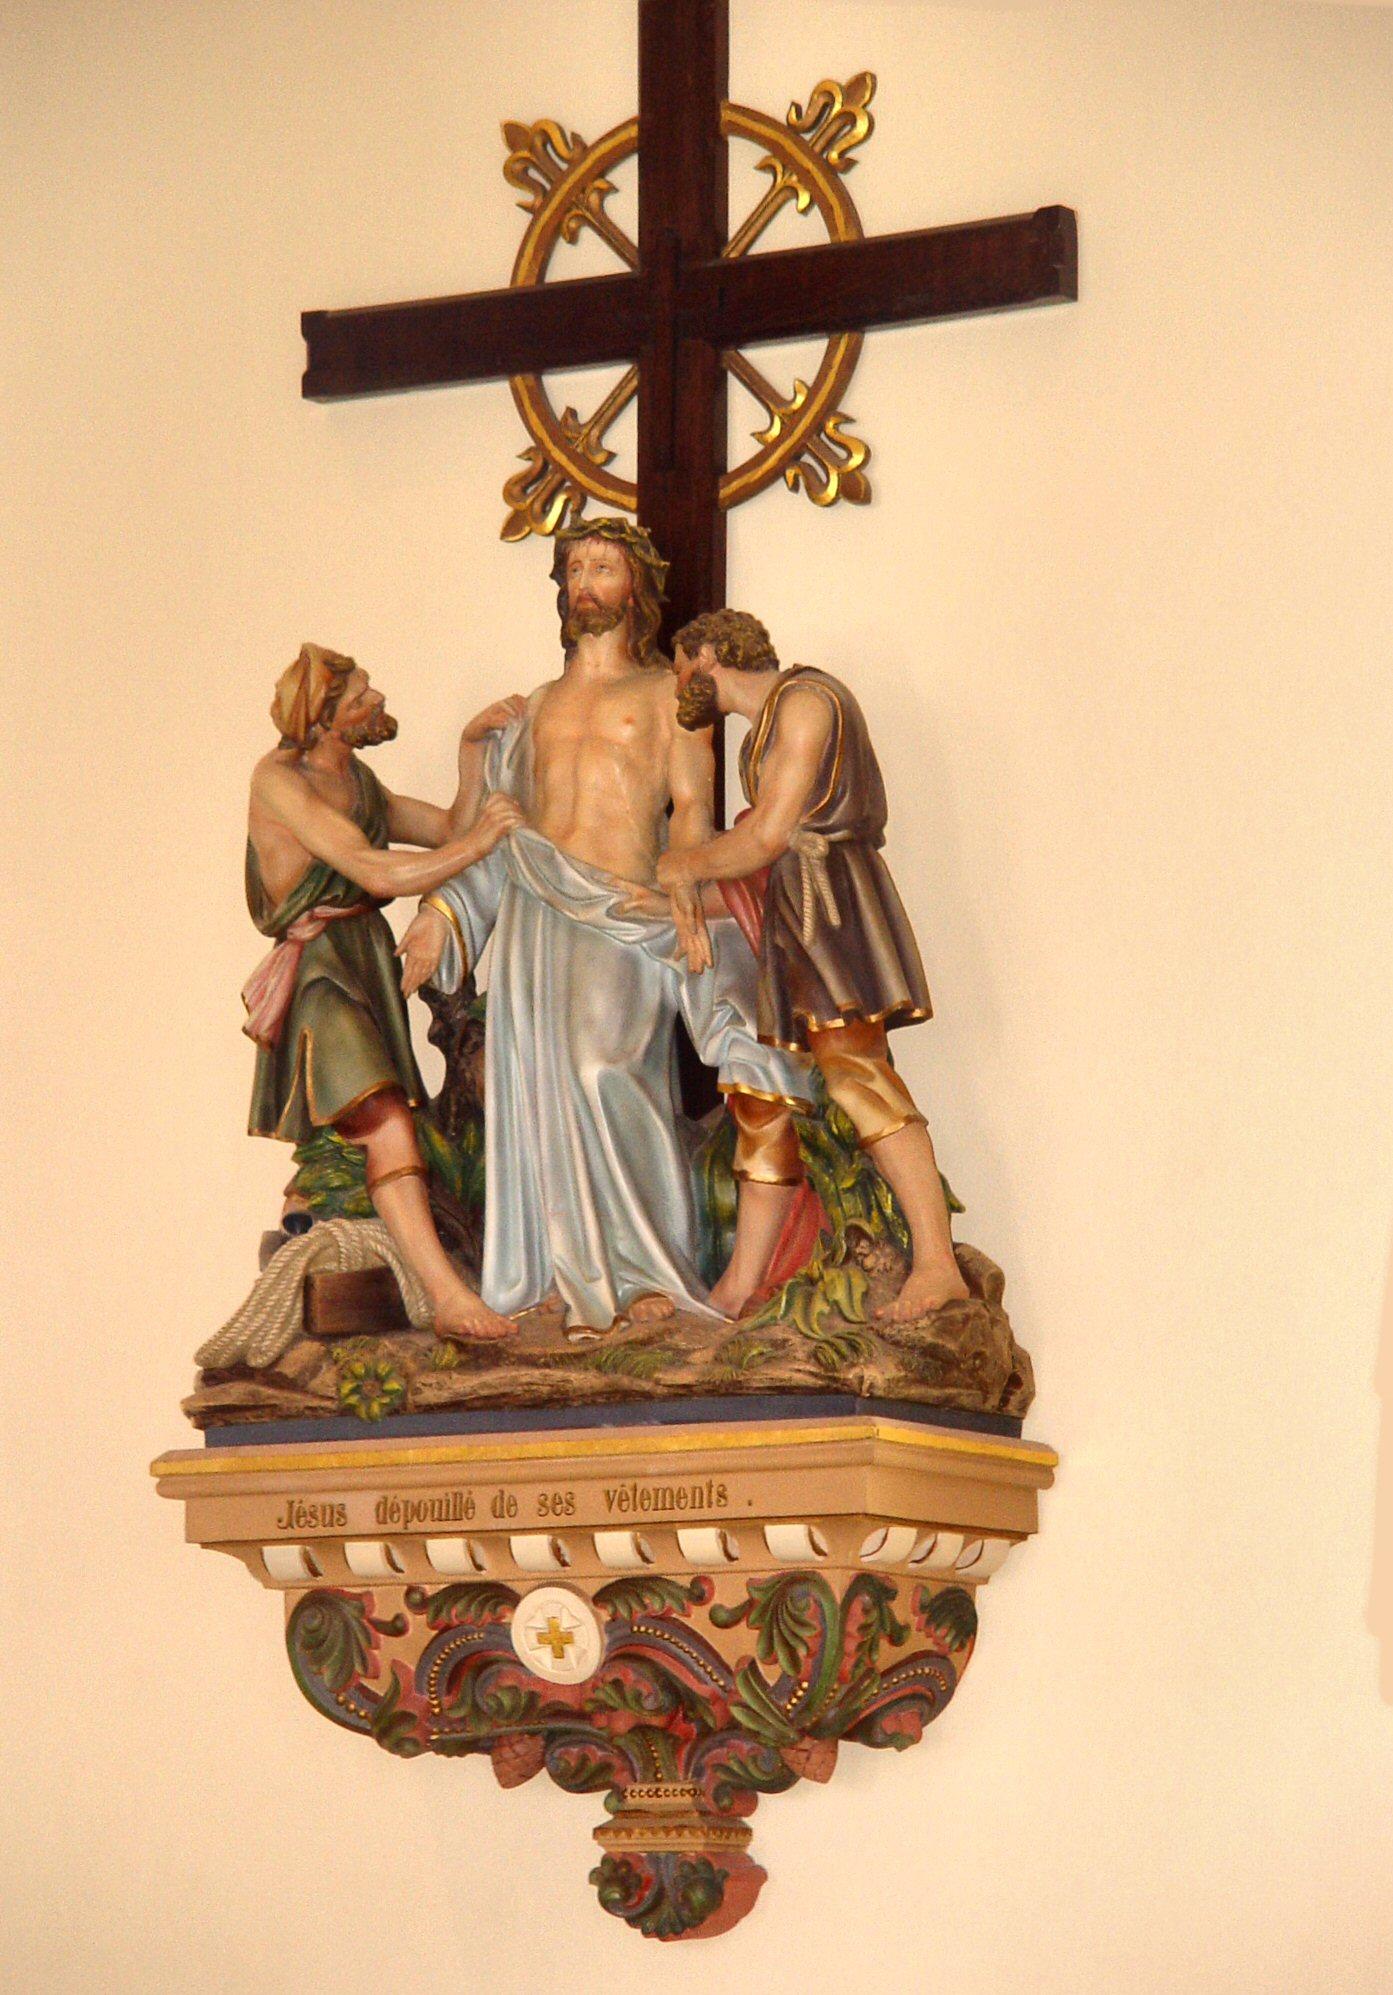 Catholic dating sites louisiana